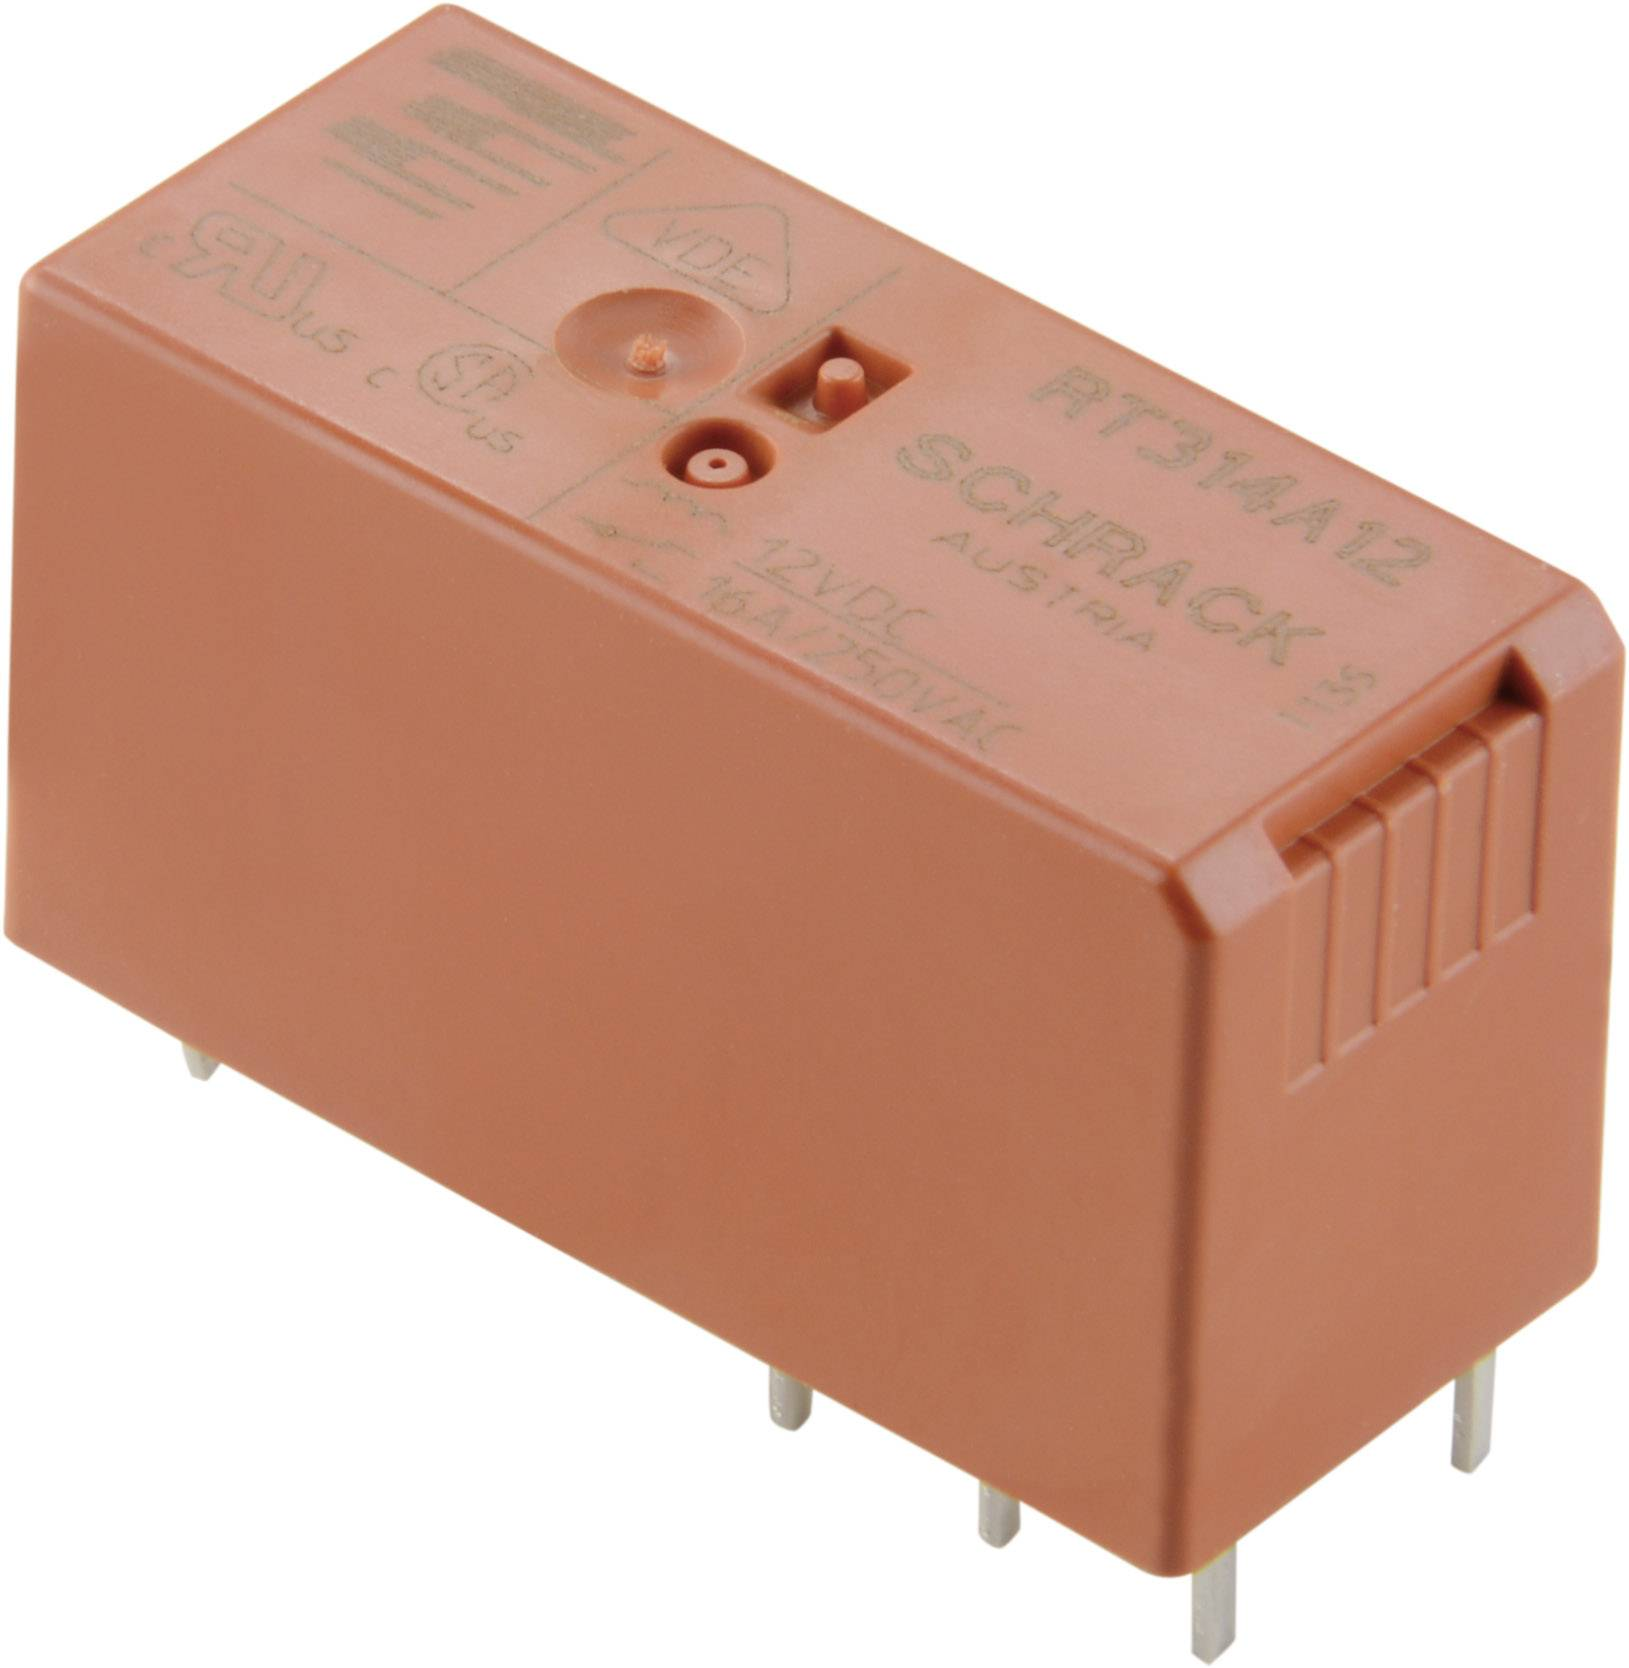 RT-výkonové relé pro desky plošných spojů 16 A, 1 x přepínací kontakt TE Connectivity 8-1393239-7, RT314F12, 16 A